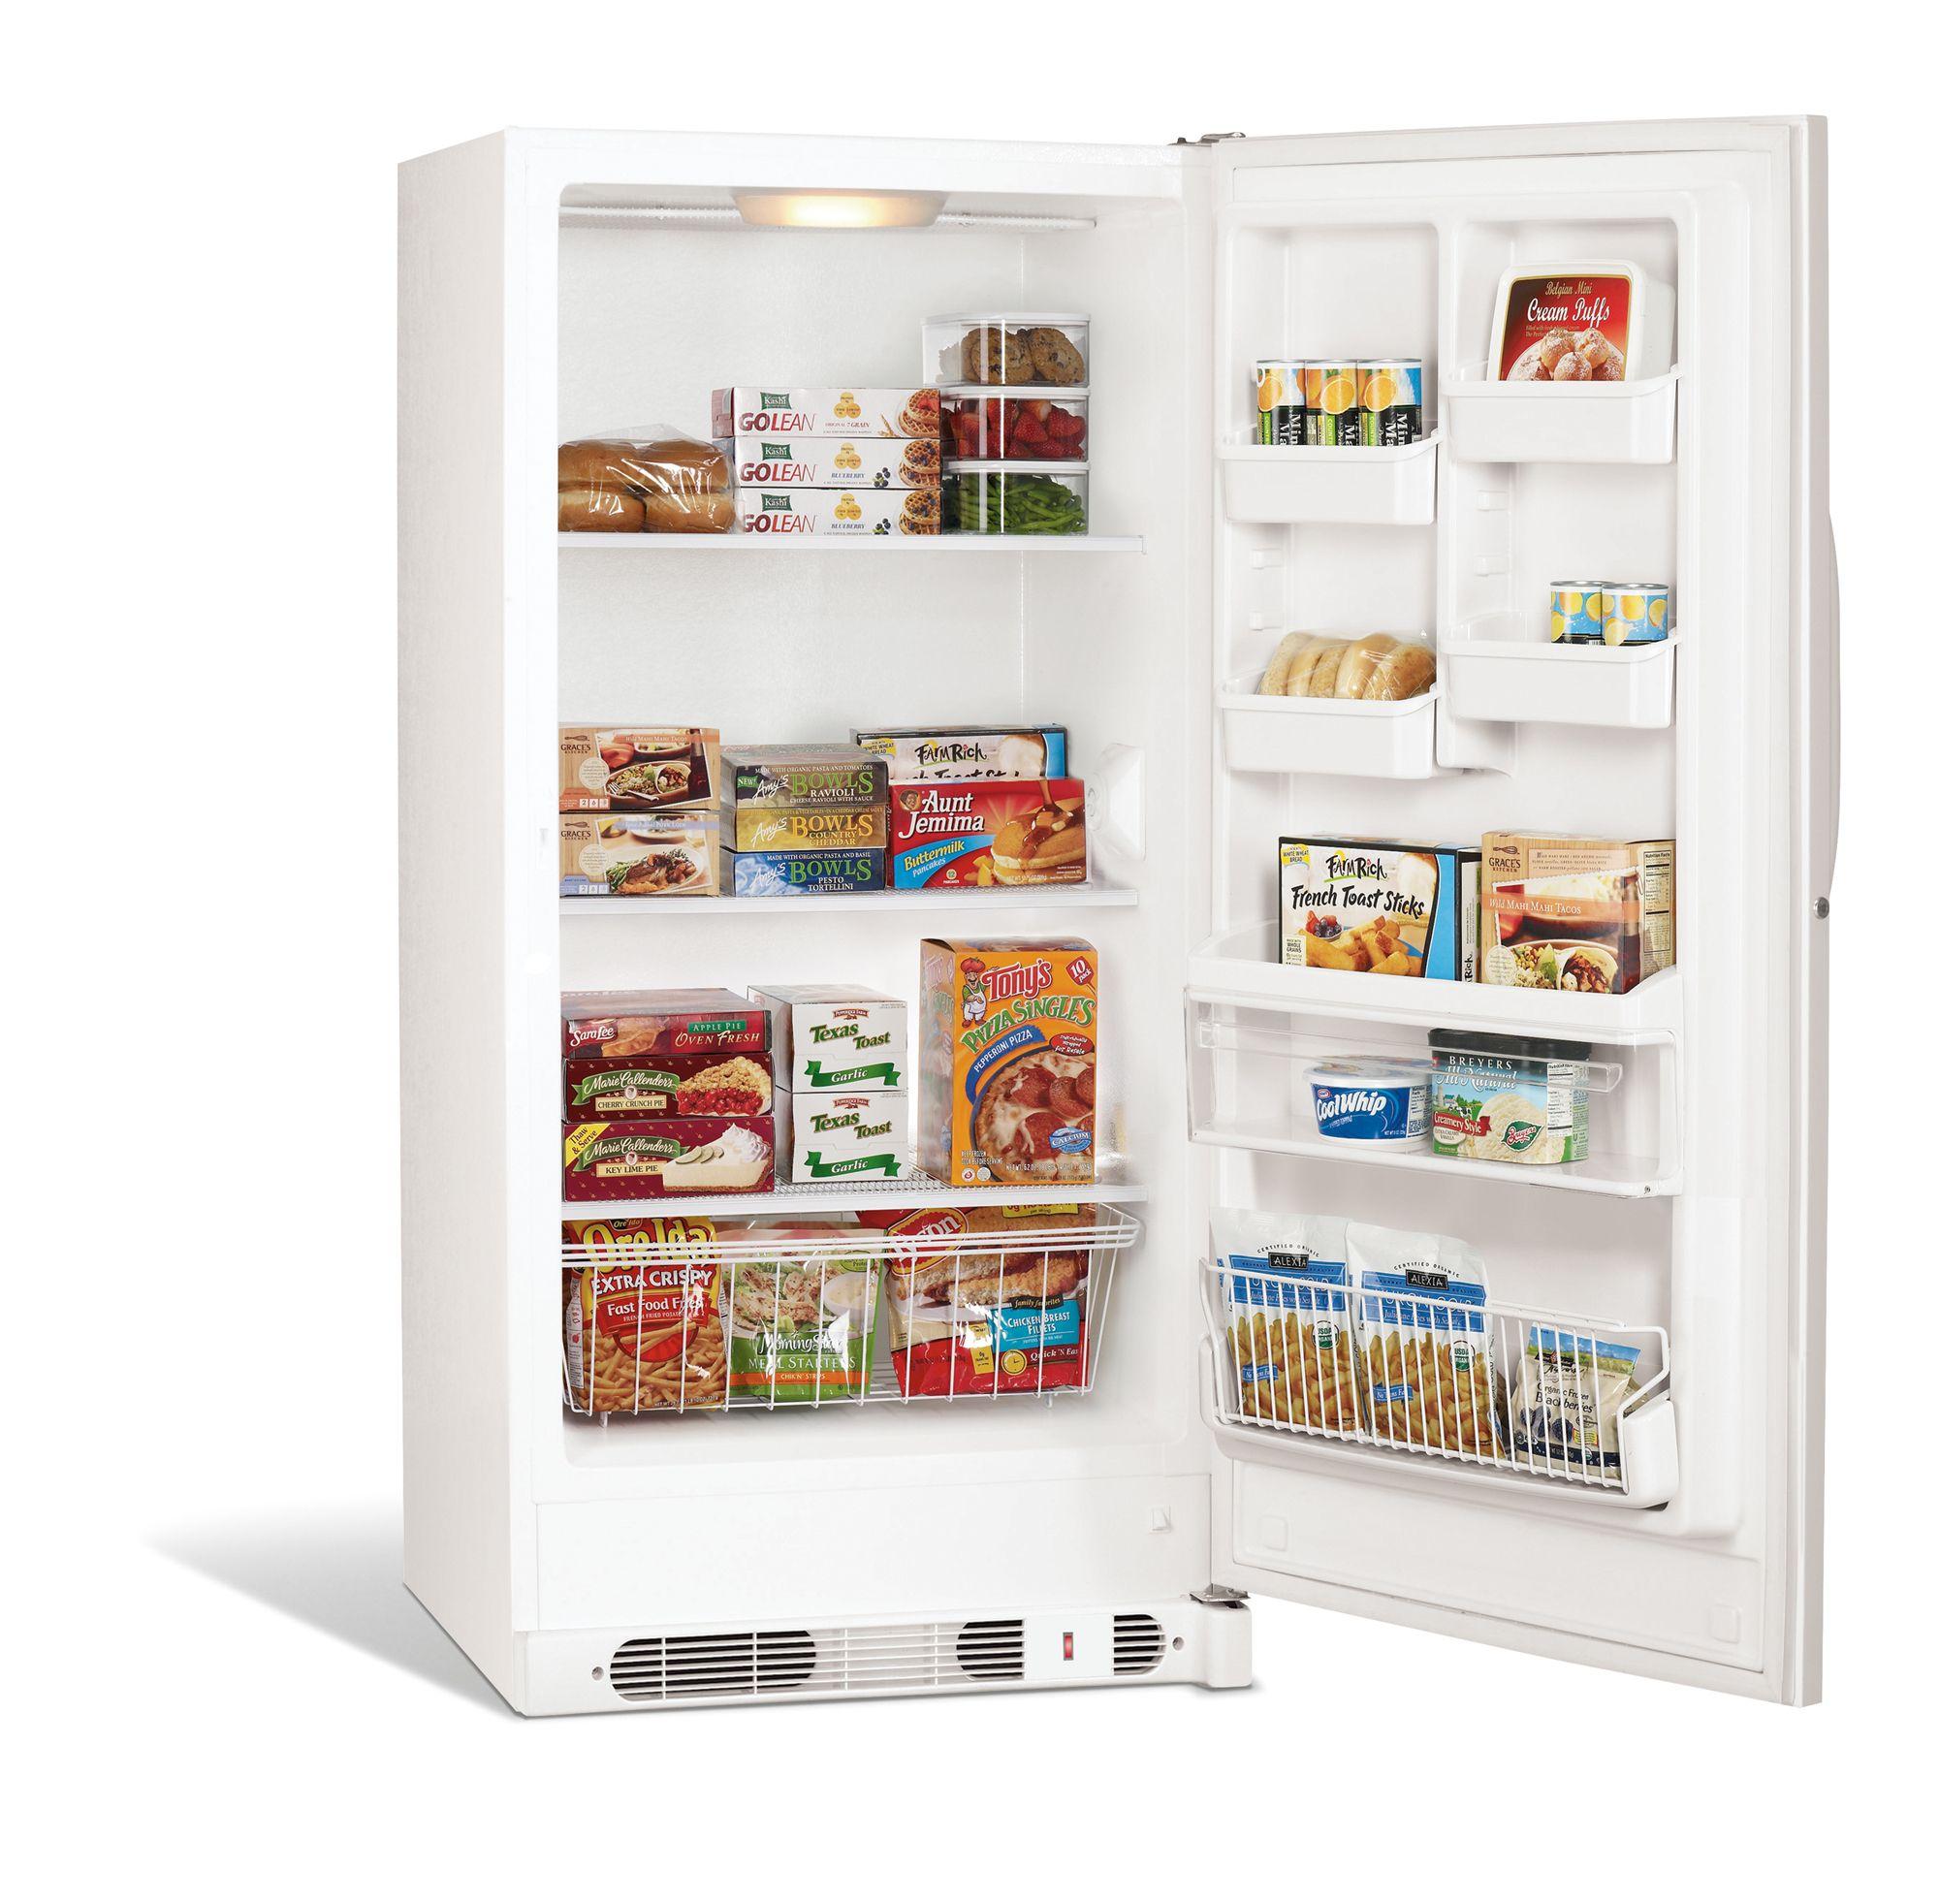 Frigidaire 16.7 cu. ft. Upright Freezer (FFU17M7H)